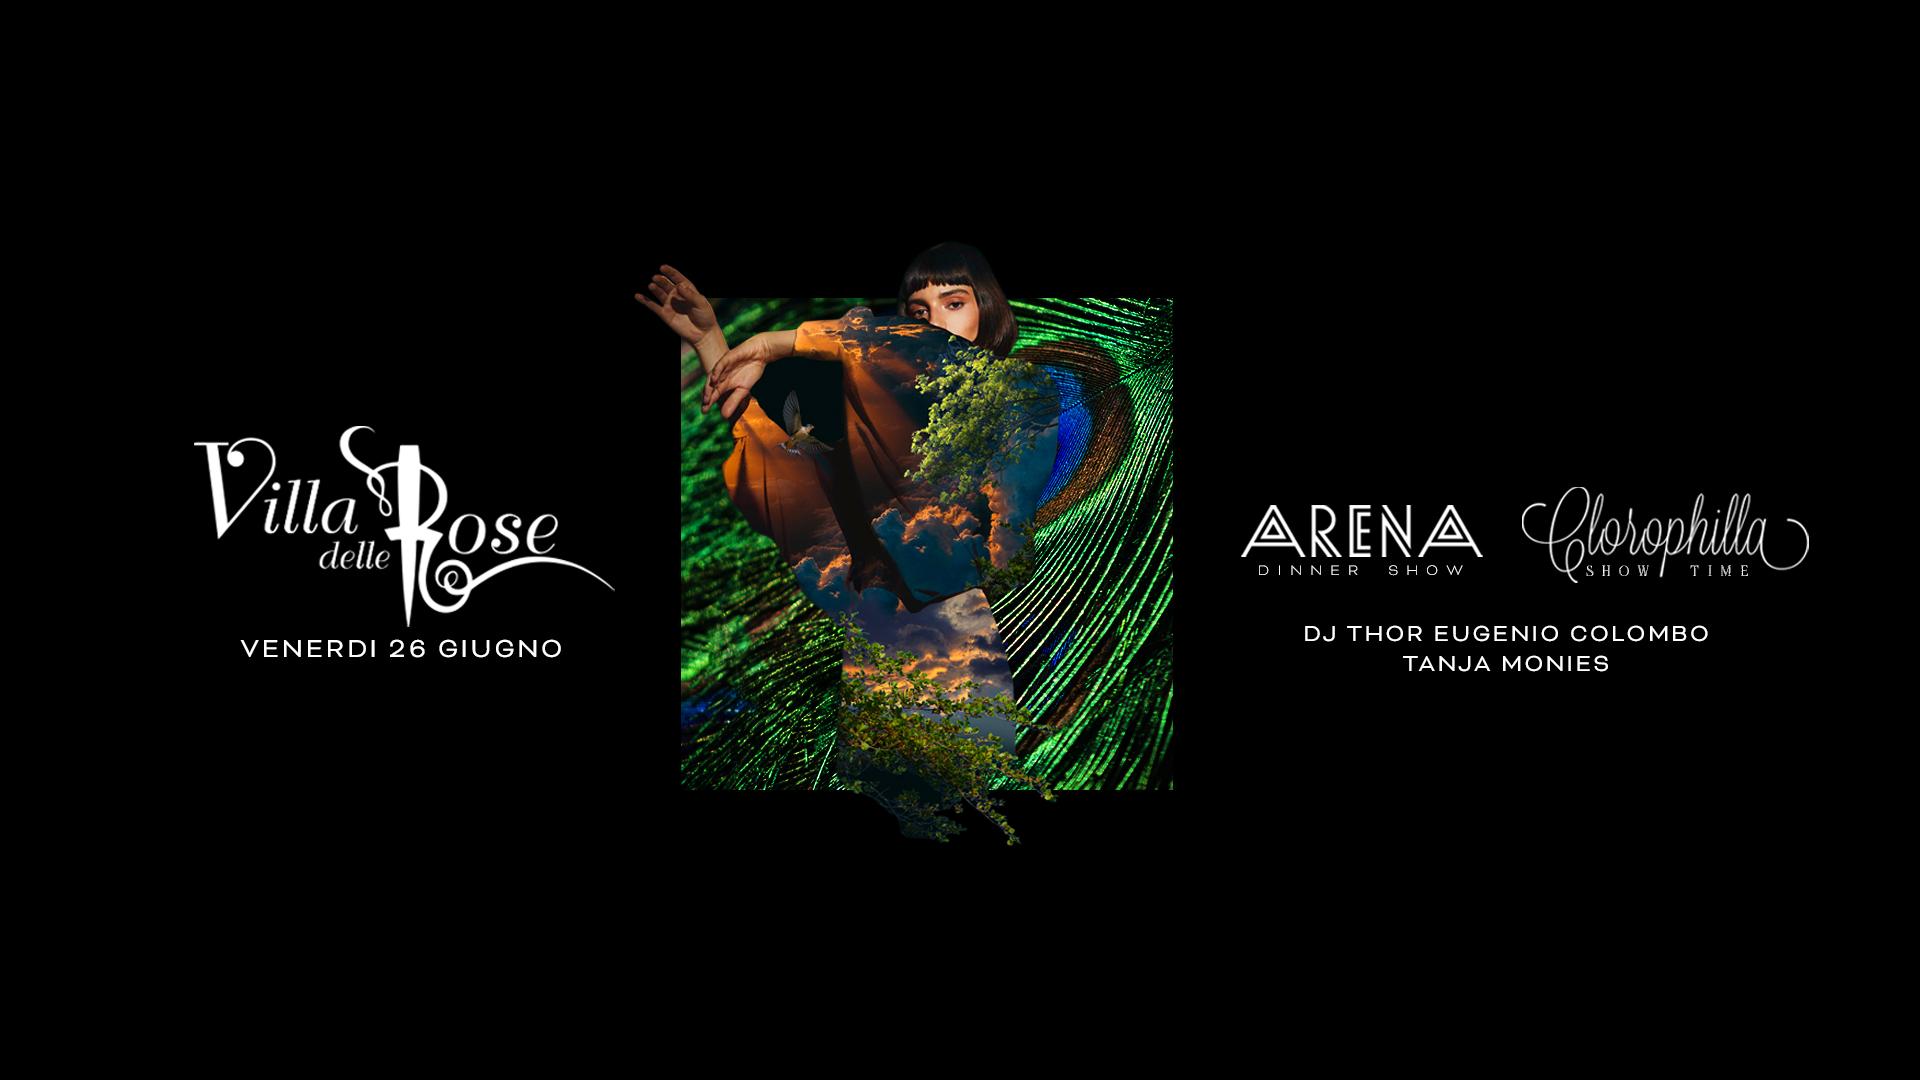 villa delle rose 26 giugno 2020